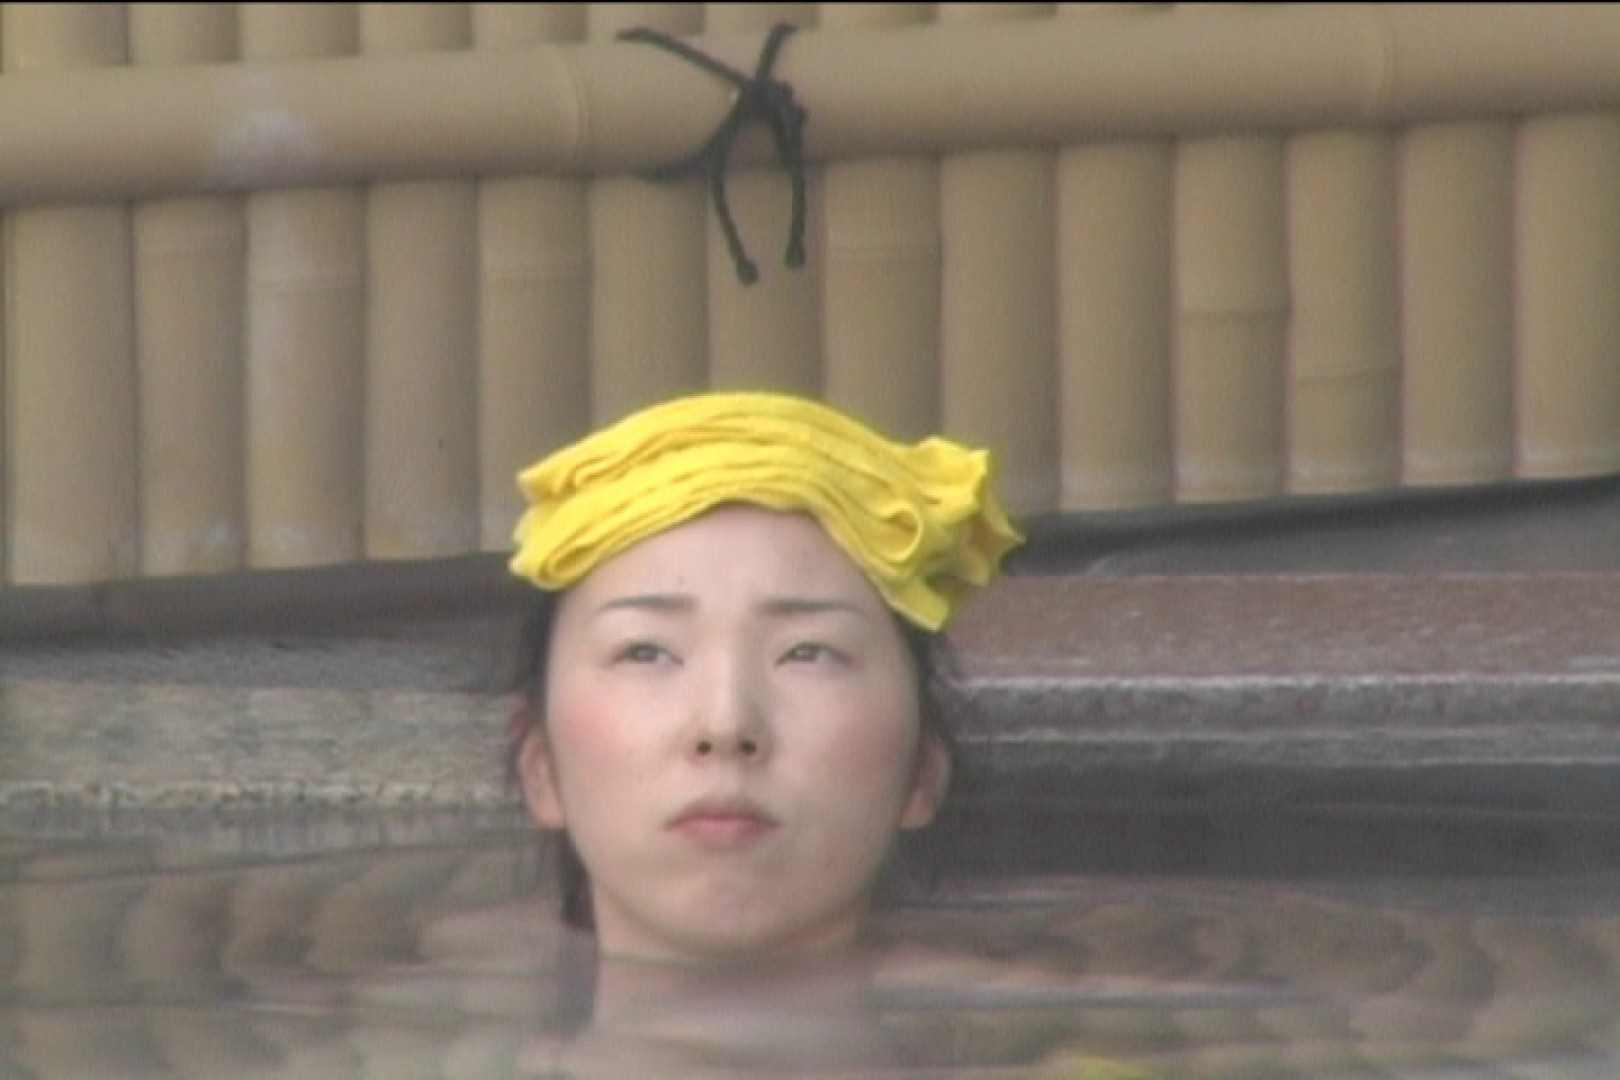 Aquaな露天風呂Vol.529 盗撮動画 | 露天風呂  11枚 11